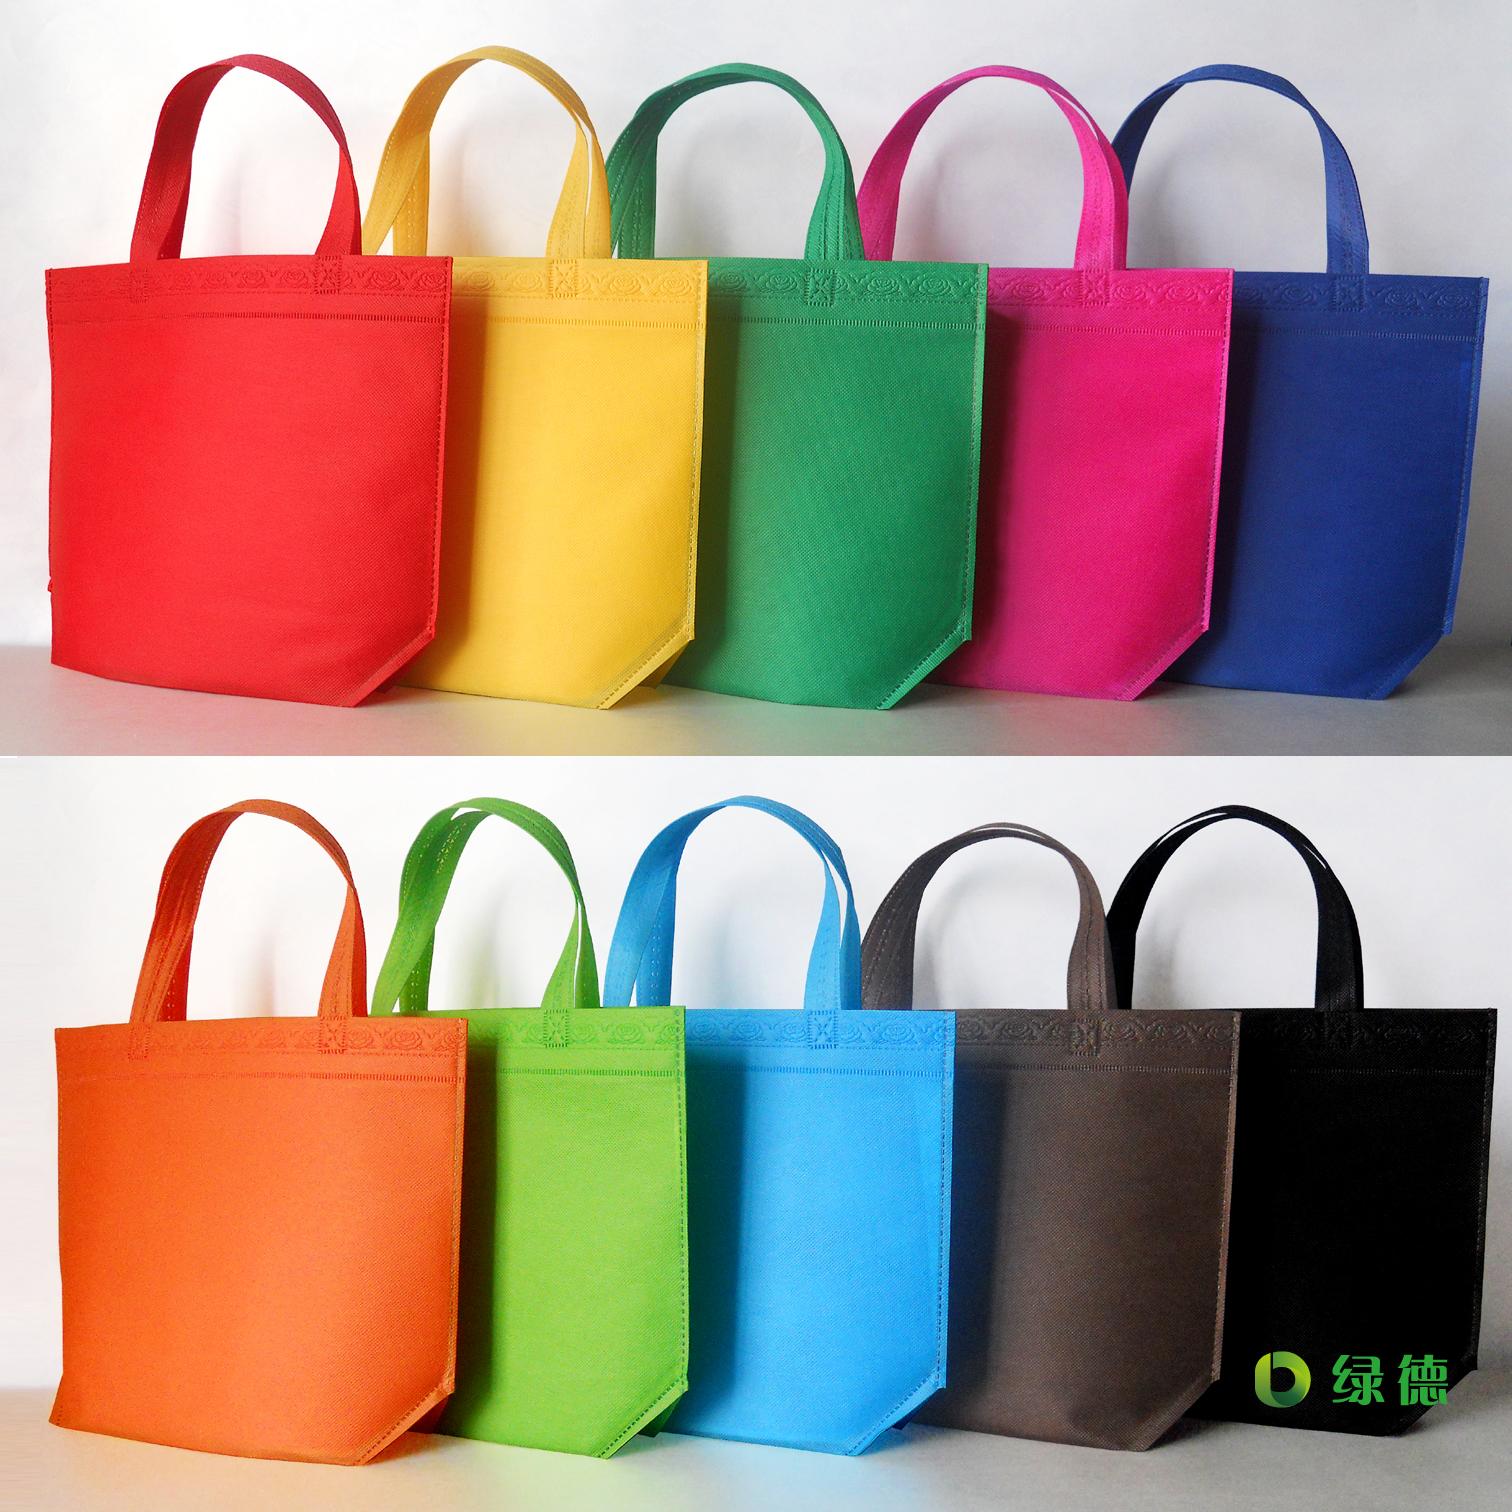 Ткань мешок стандарт сейчас в надичии ридикюль сумка индивидуальный торжествующий ребенок получить музыка реклама сумок сделанный на заказ